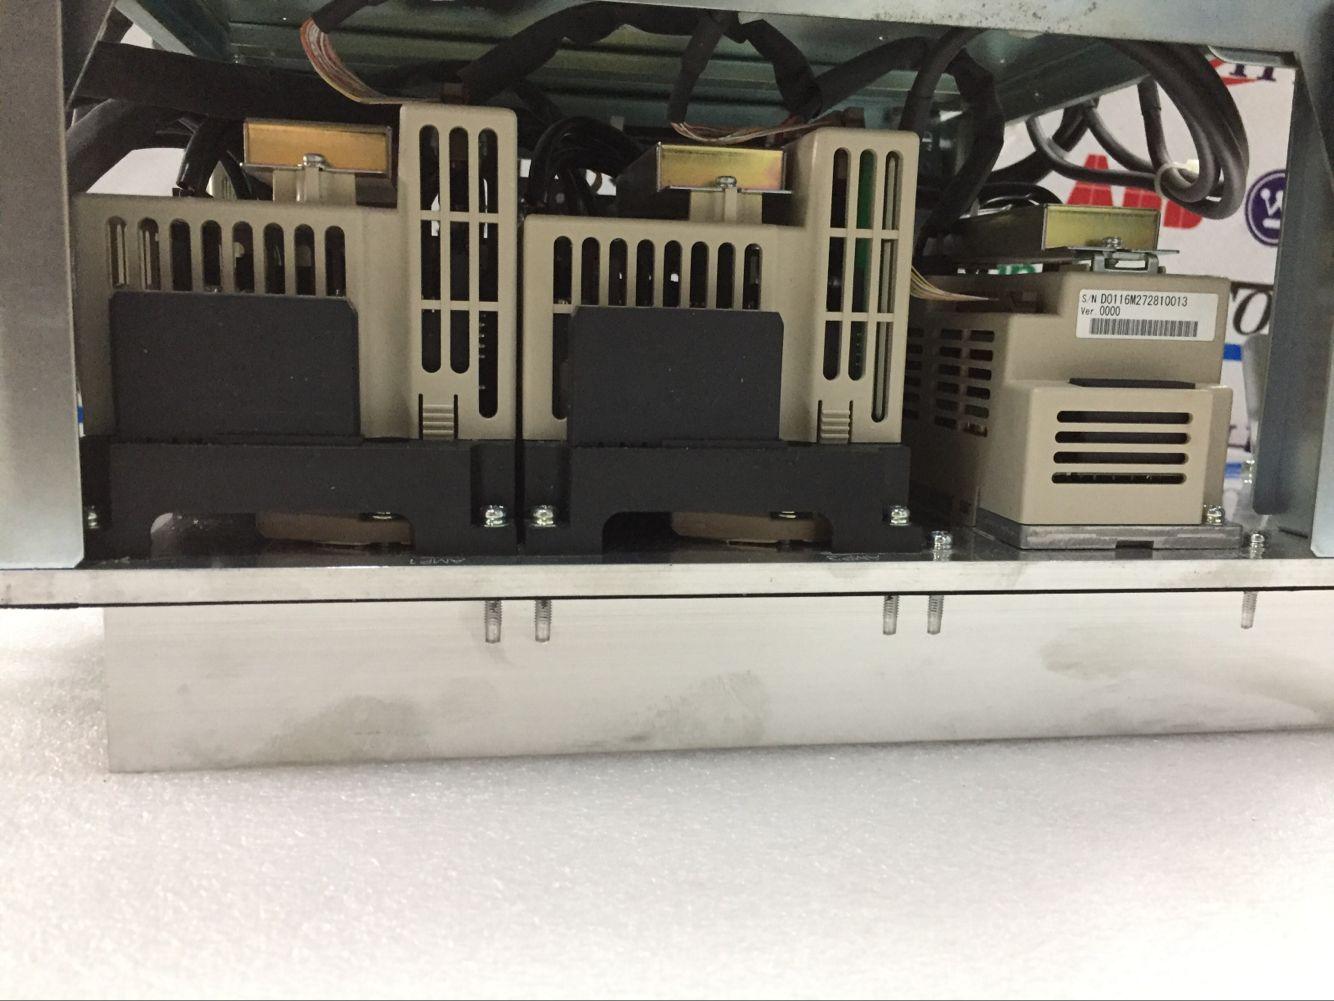 Yaskawa机器人JANCD-MBB02规格参数